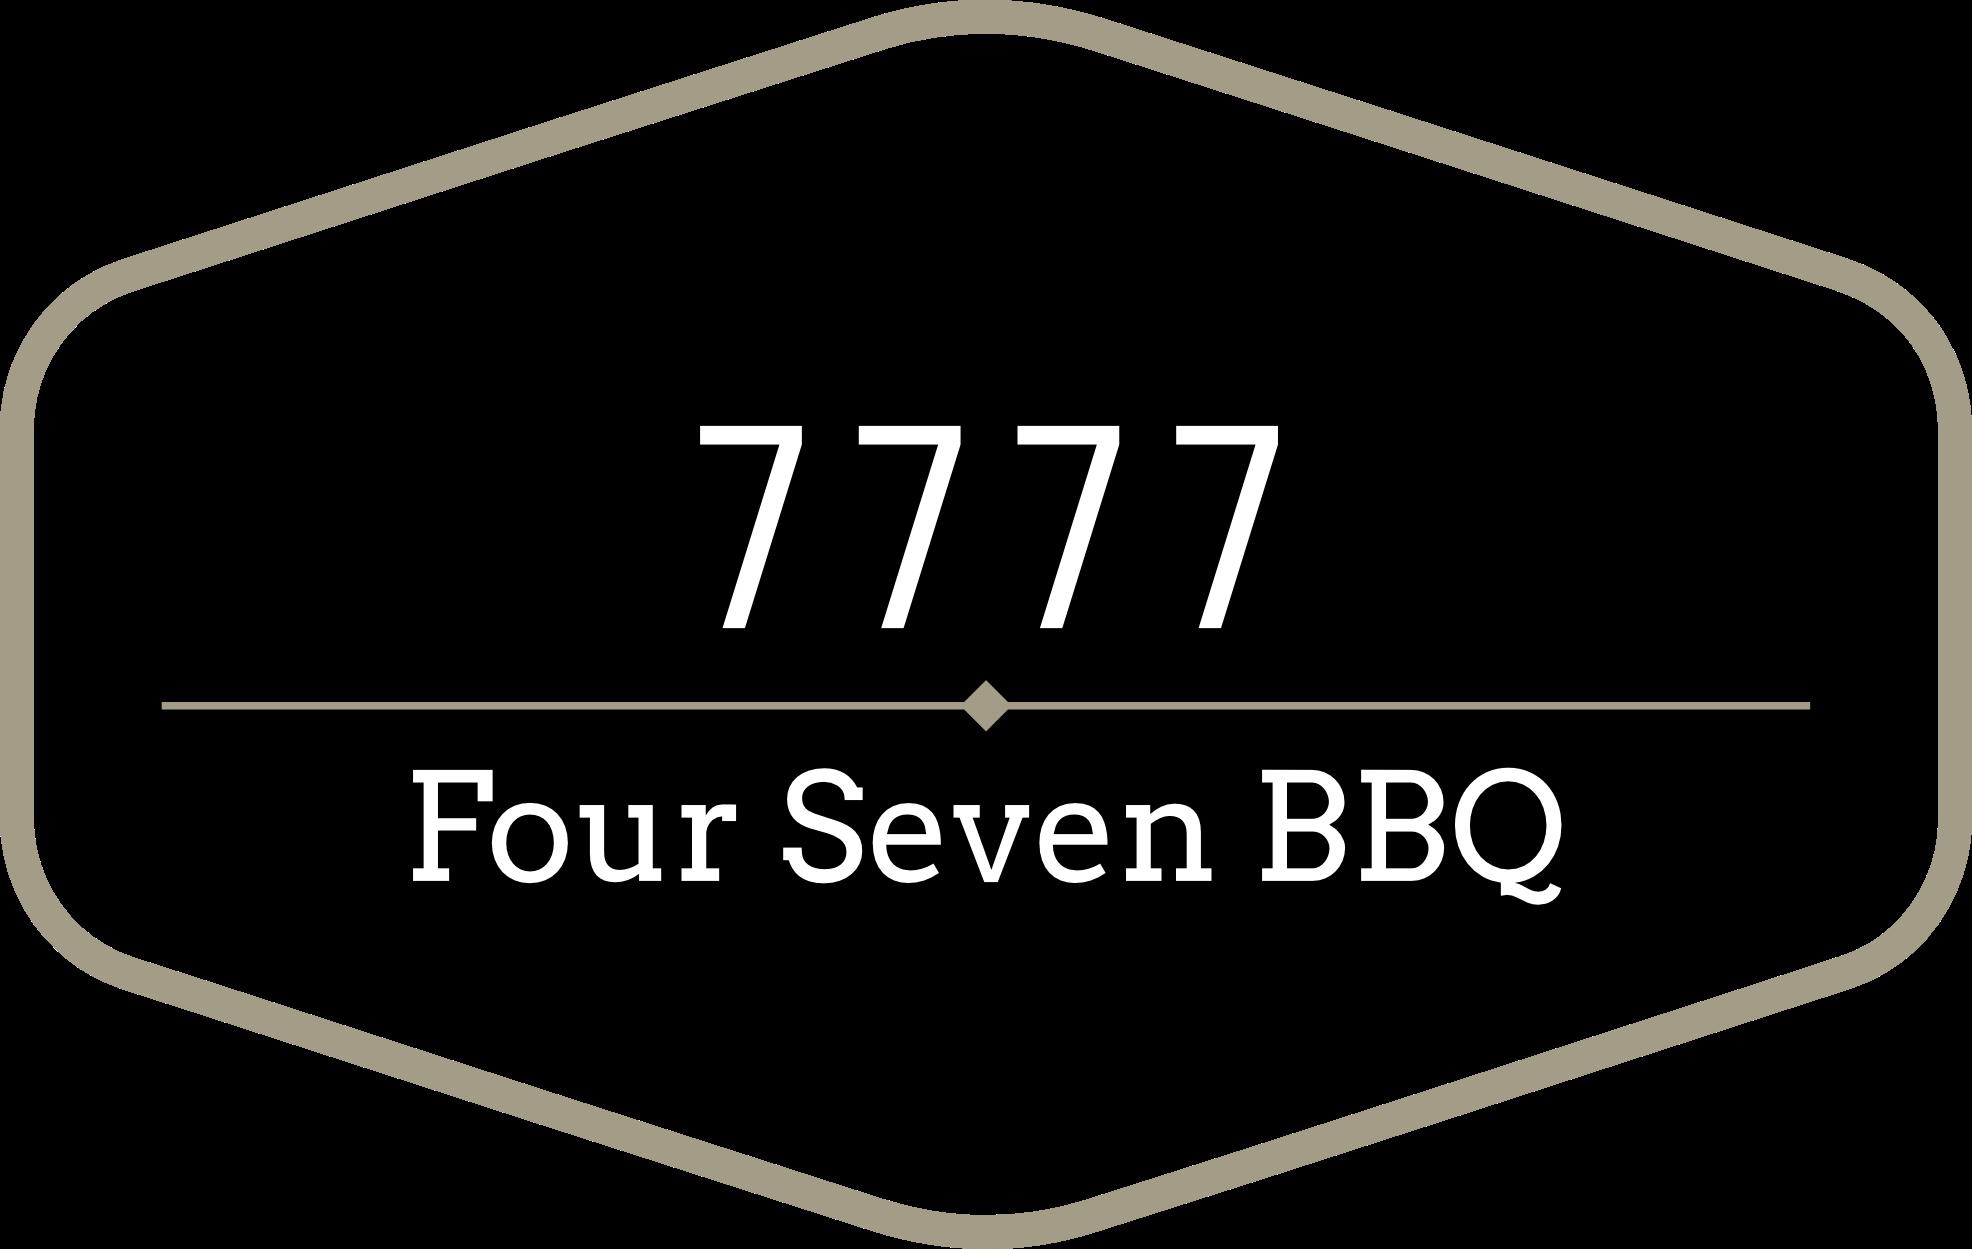 7777bbq.com